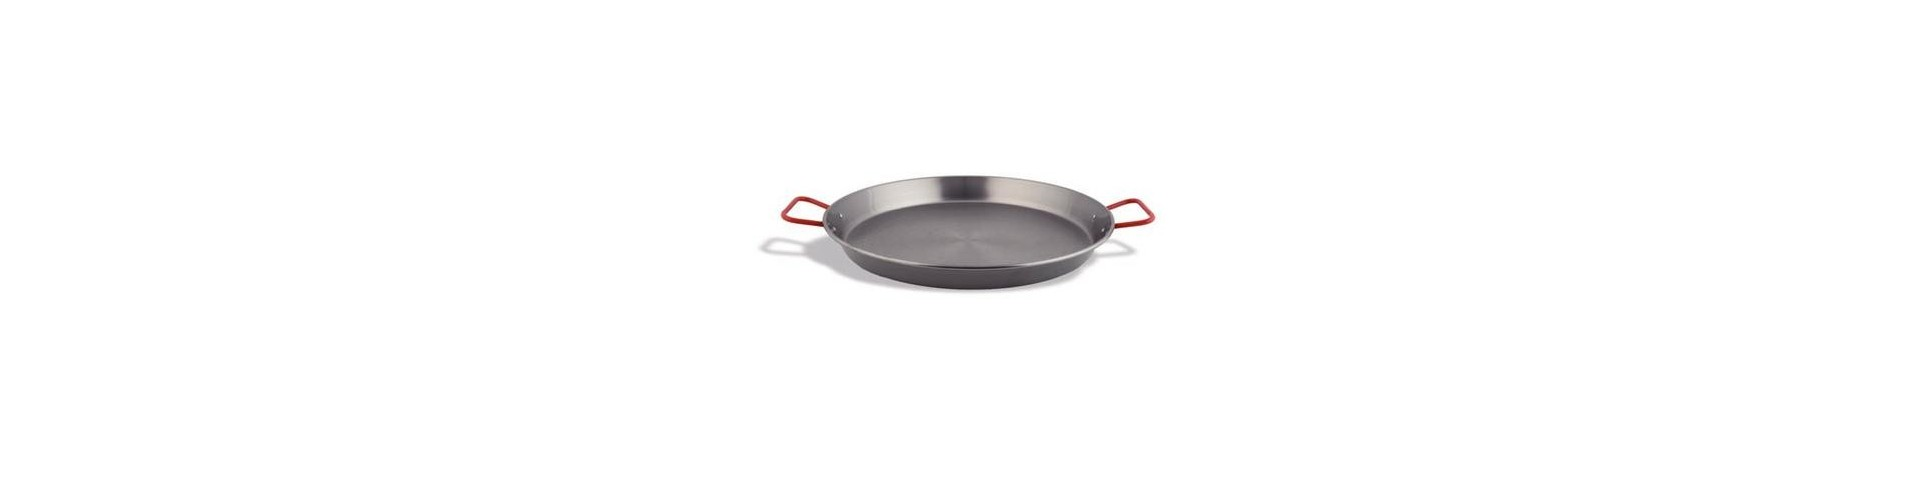 Paella keptuvės